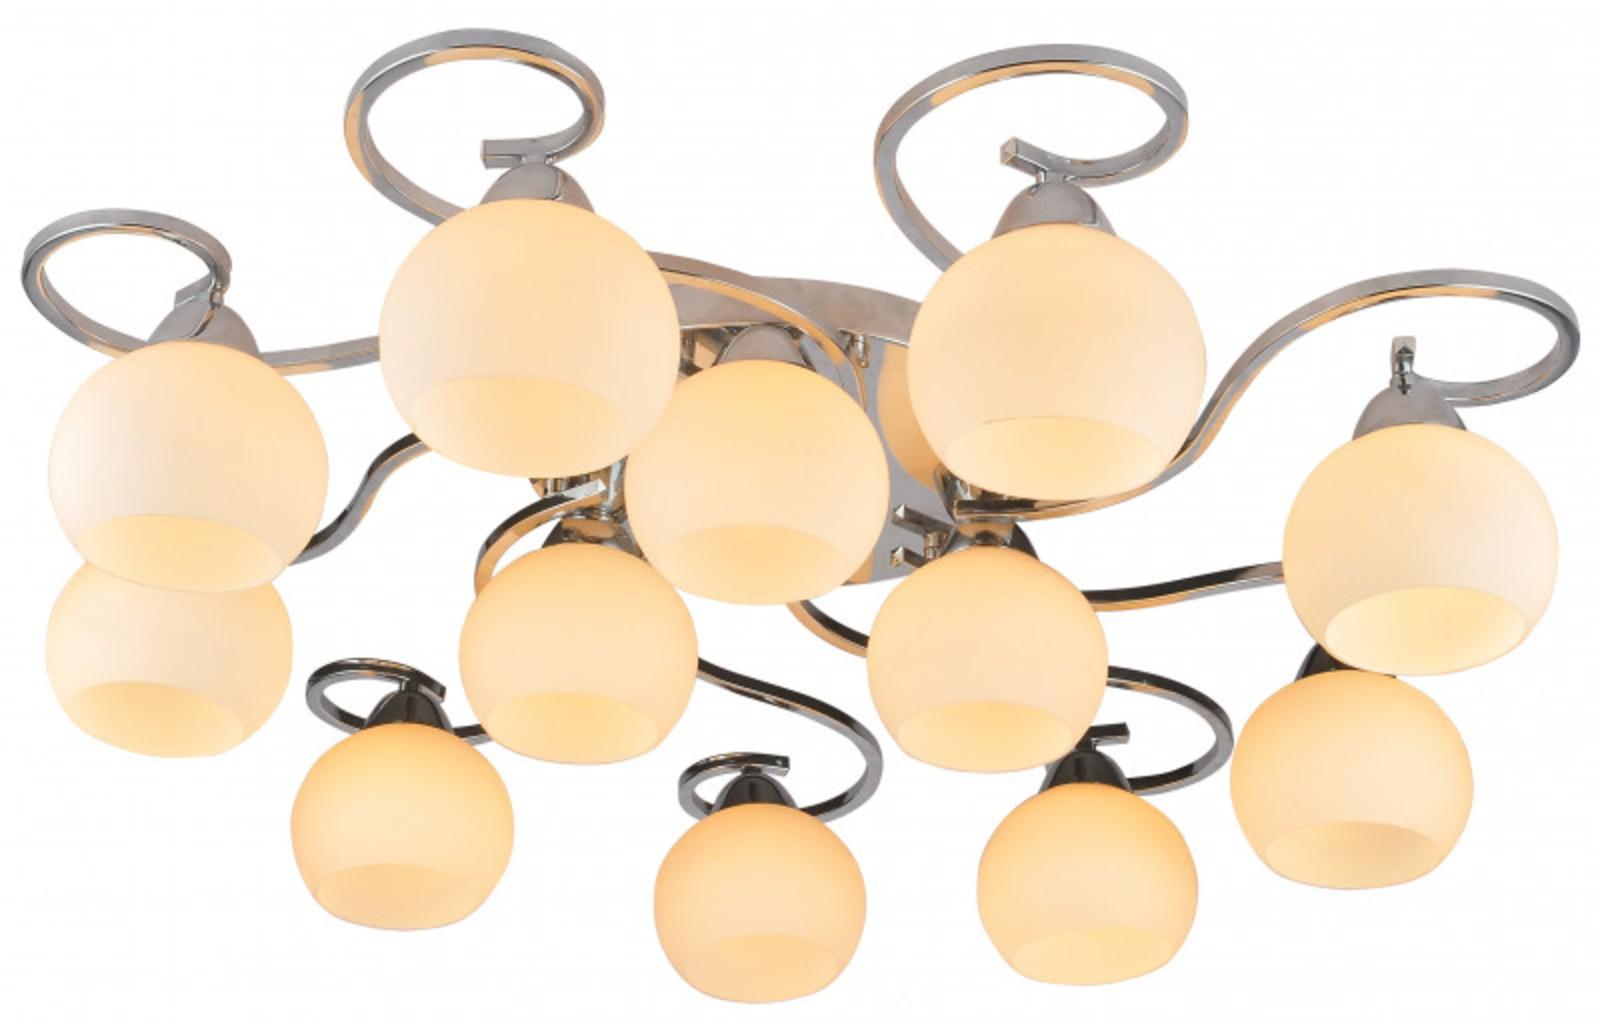 Купить Накладная люстра Накладная люстра ARTE Lamp A6058PL-12CC A6058PL-12CC, HomeMe